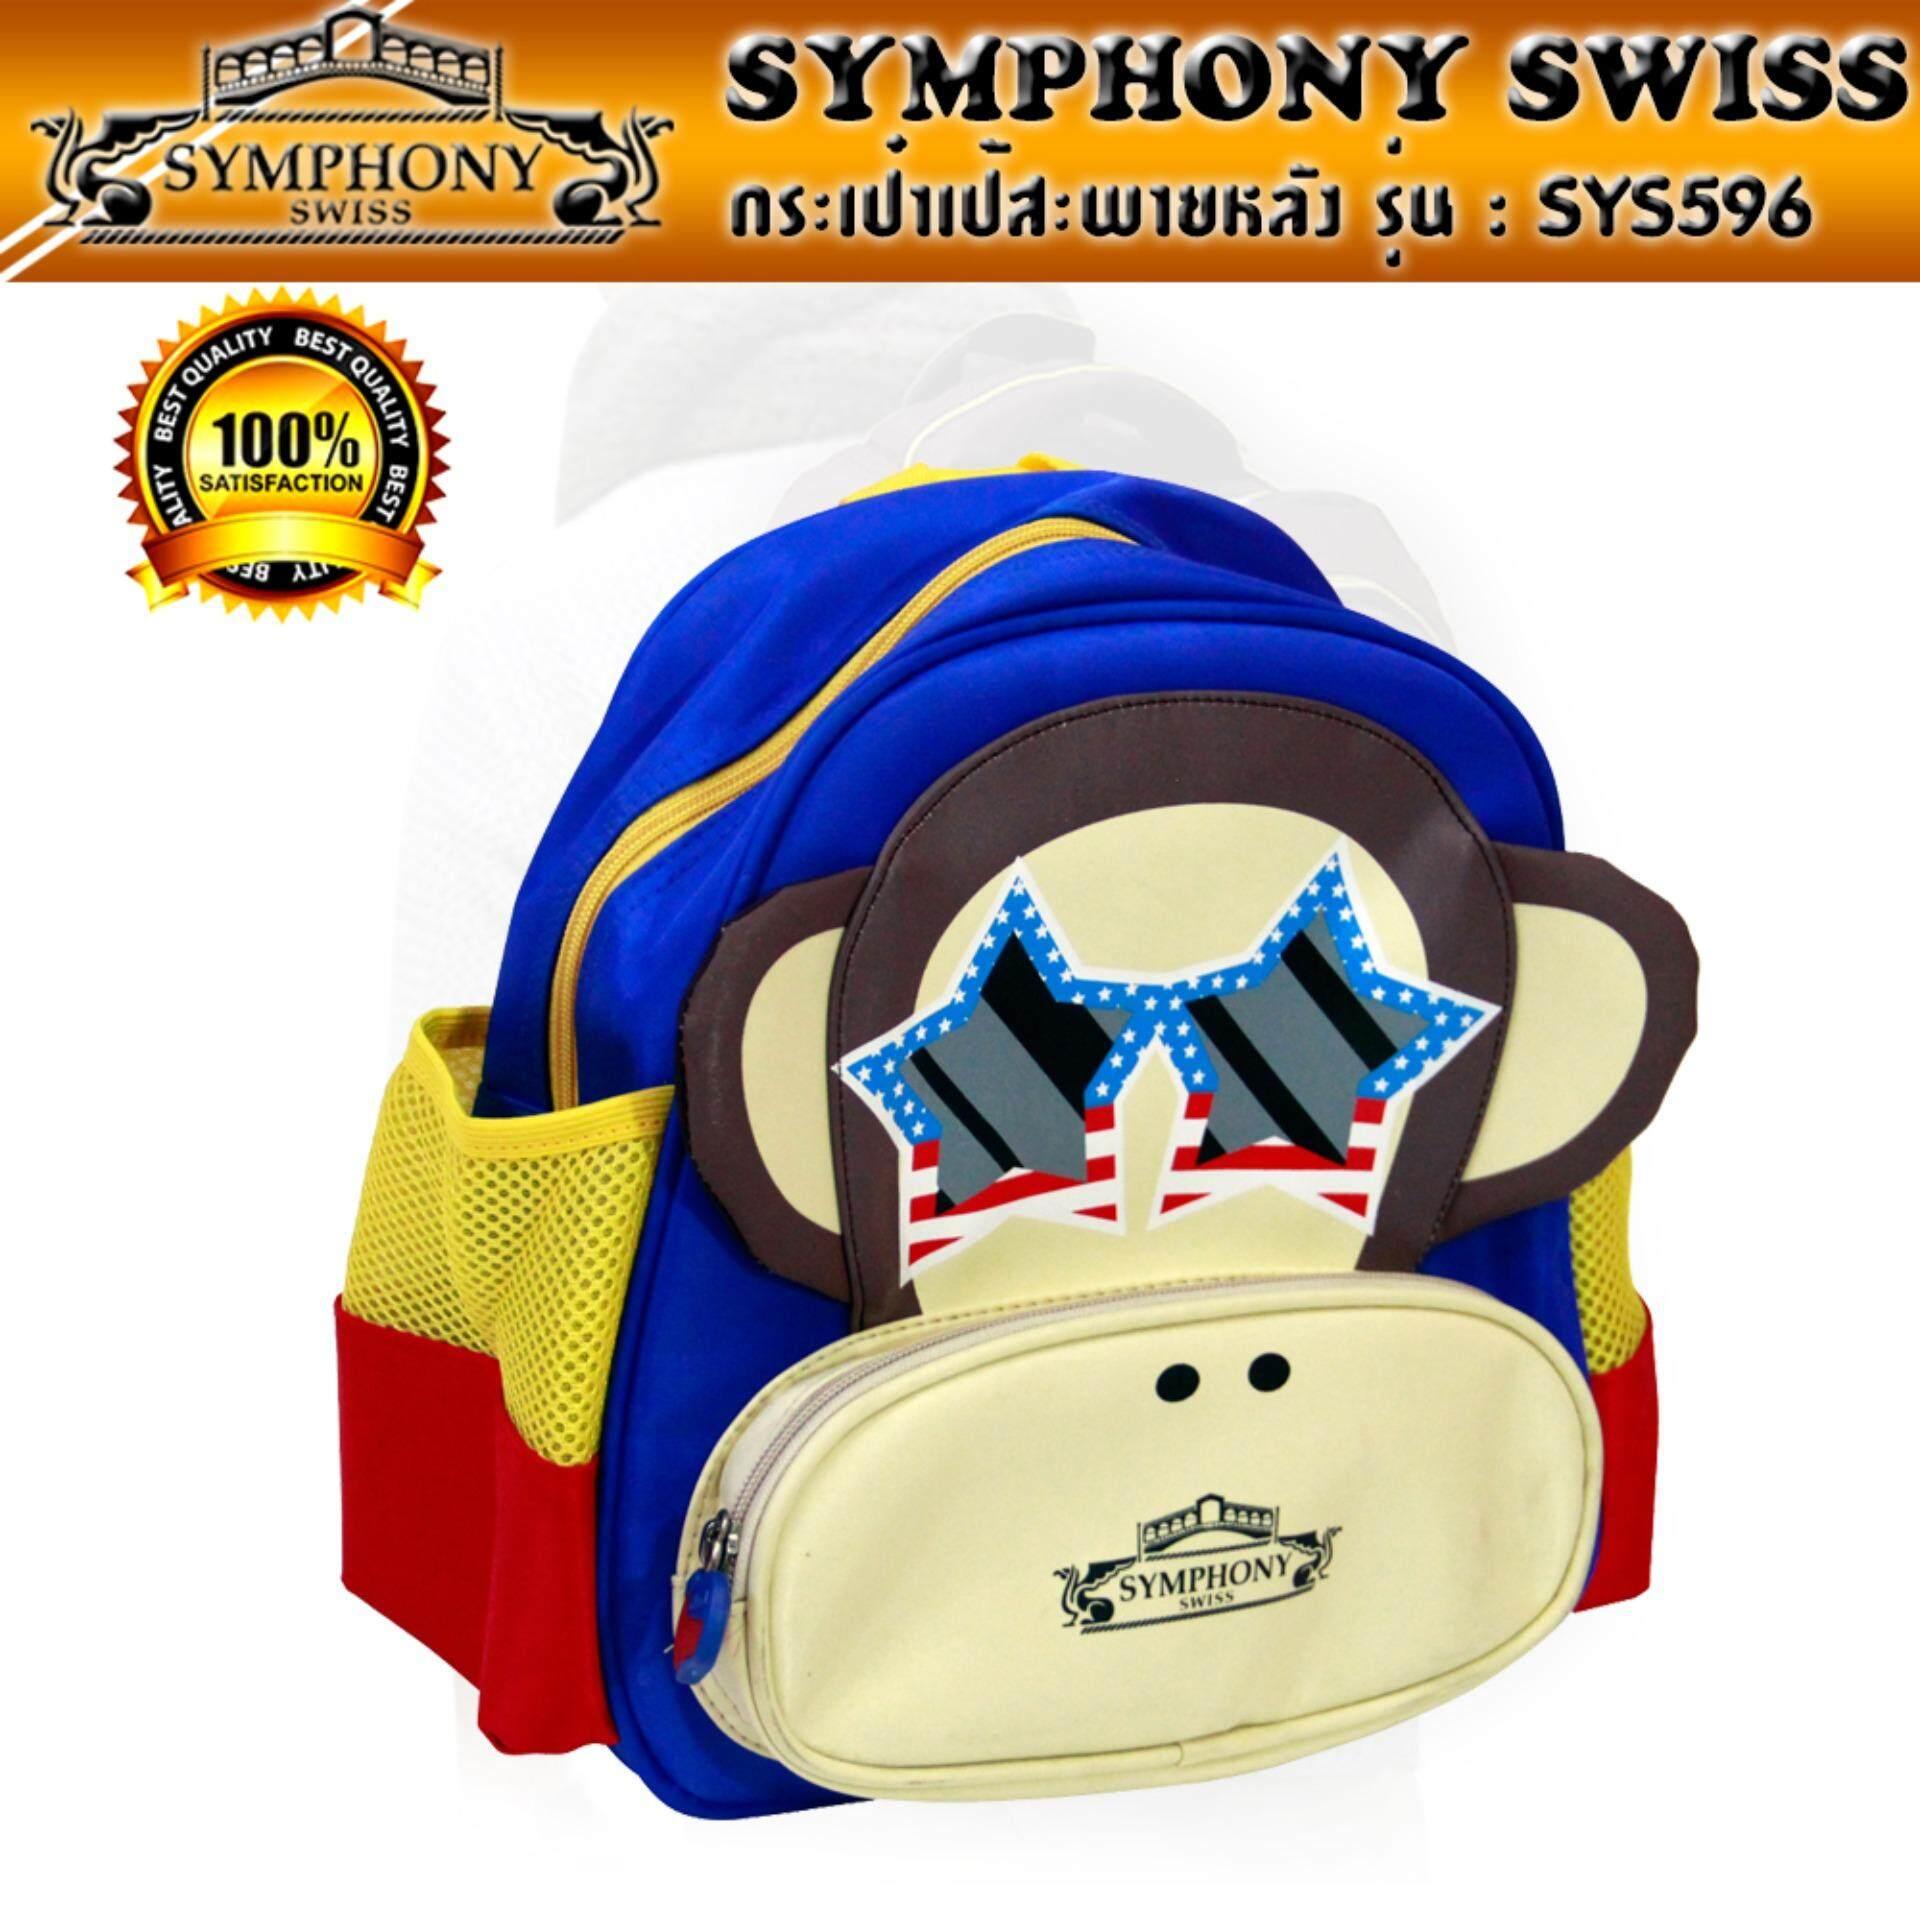 โปรโมชั่น Symphony Swiss Sch**l Bag กระเป๋านักเรียน กระเป๋าเป้ สะพายหลัง กระเป๋าเด็ก 12 นิ้ว Sys596 ใน กรุงเทพมหานคร